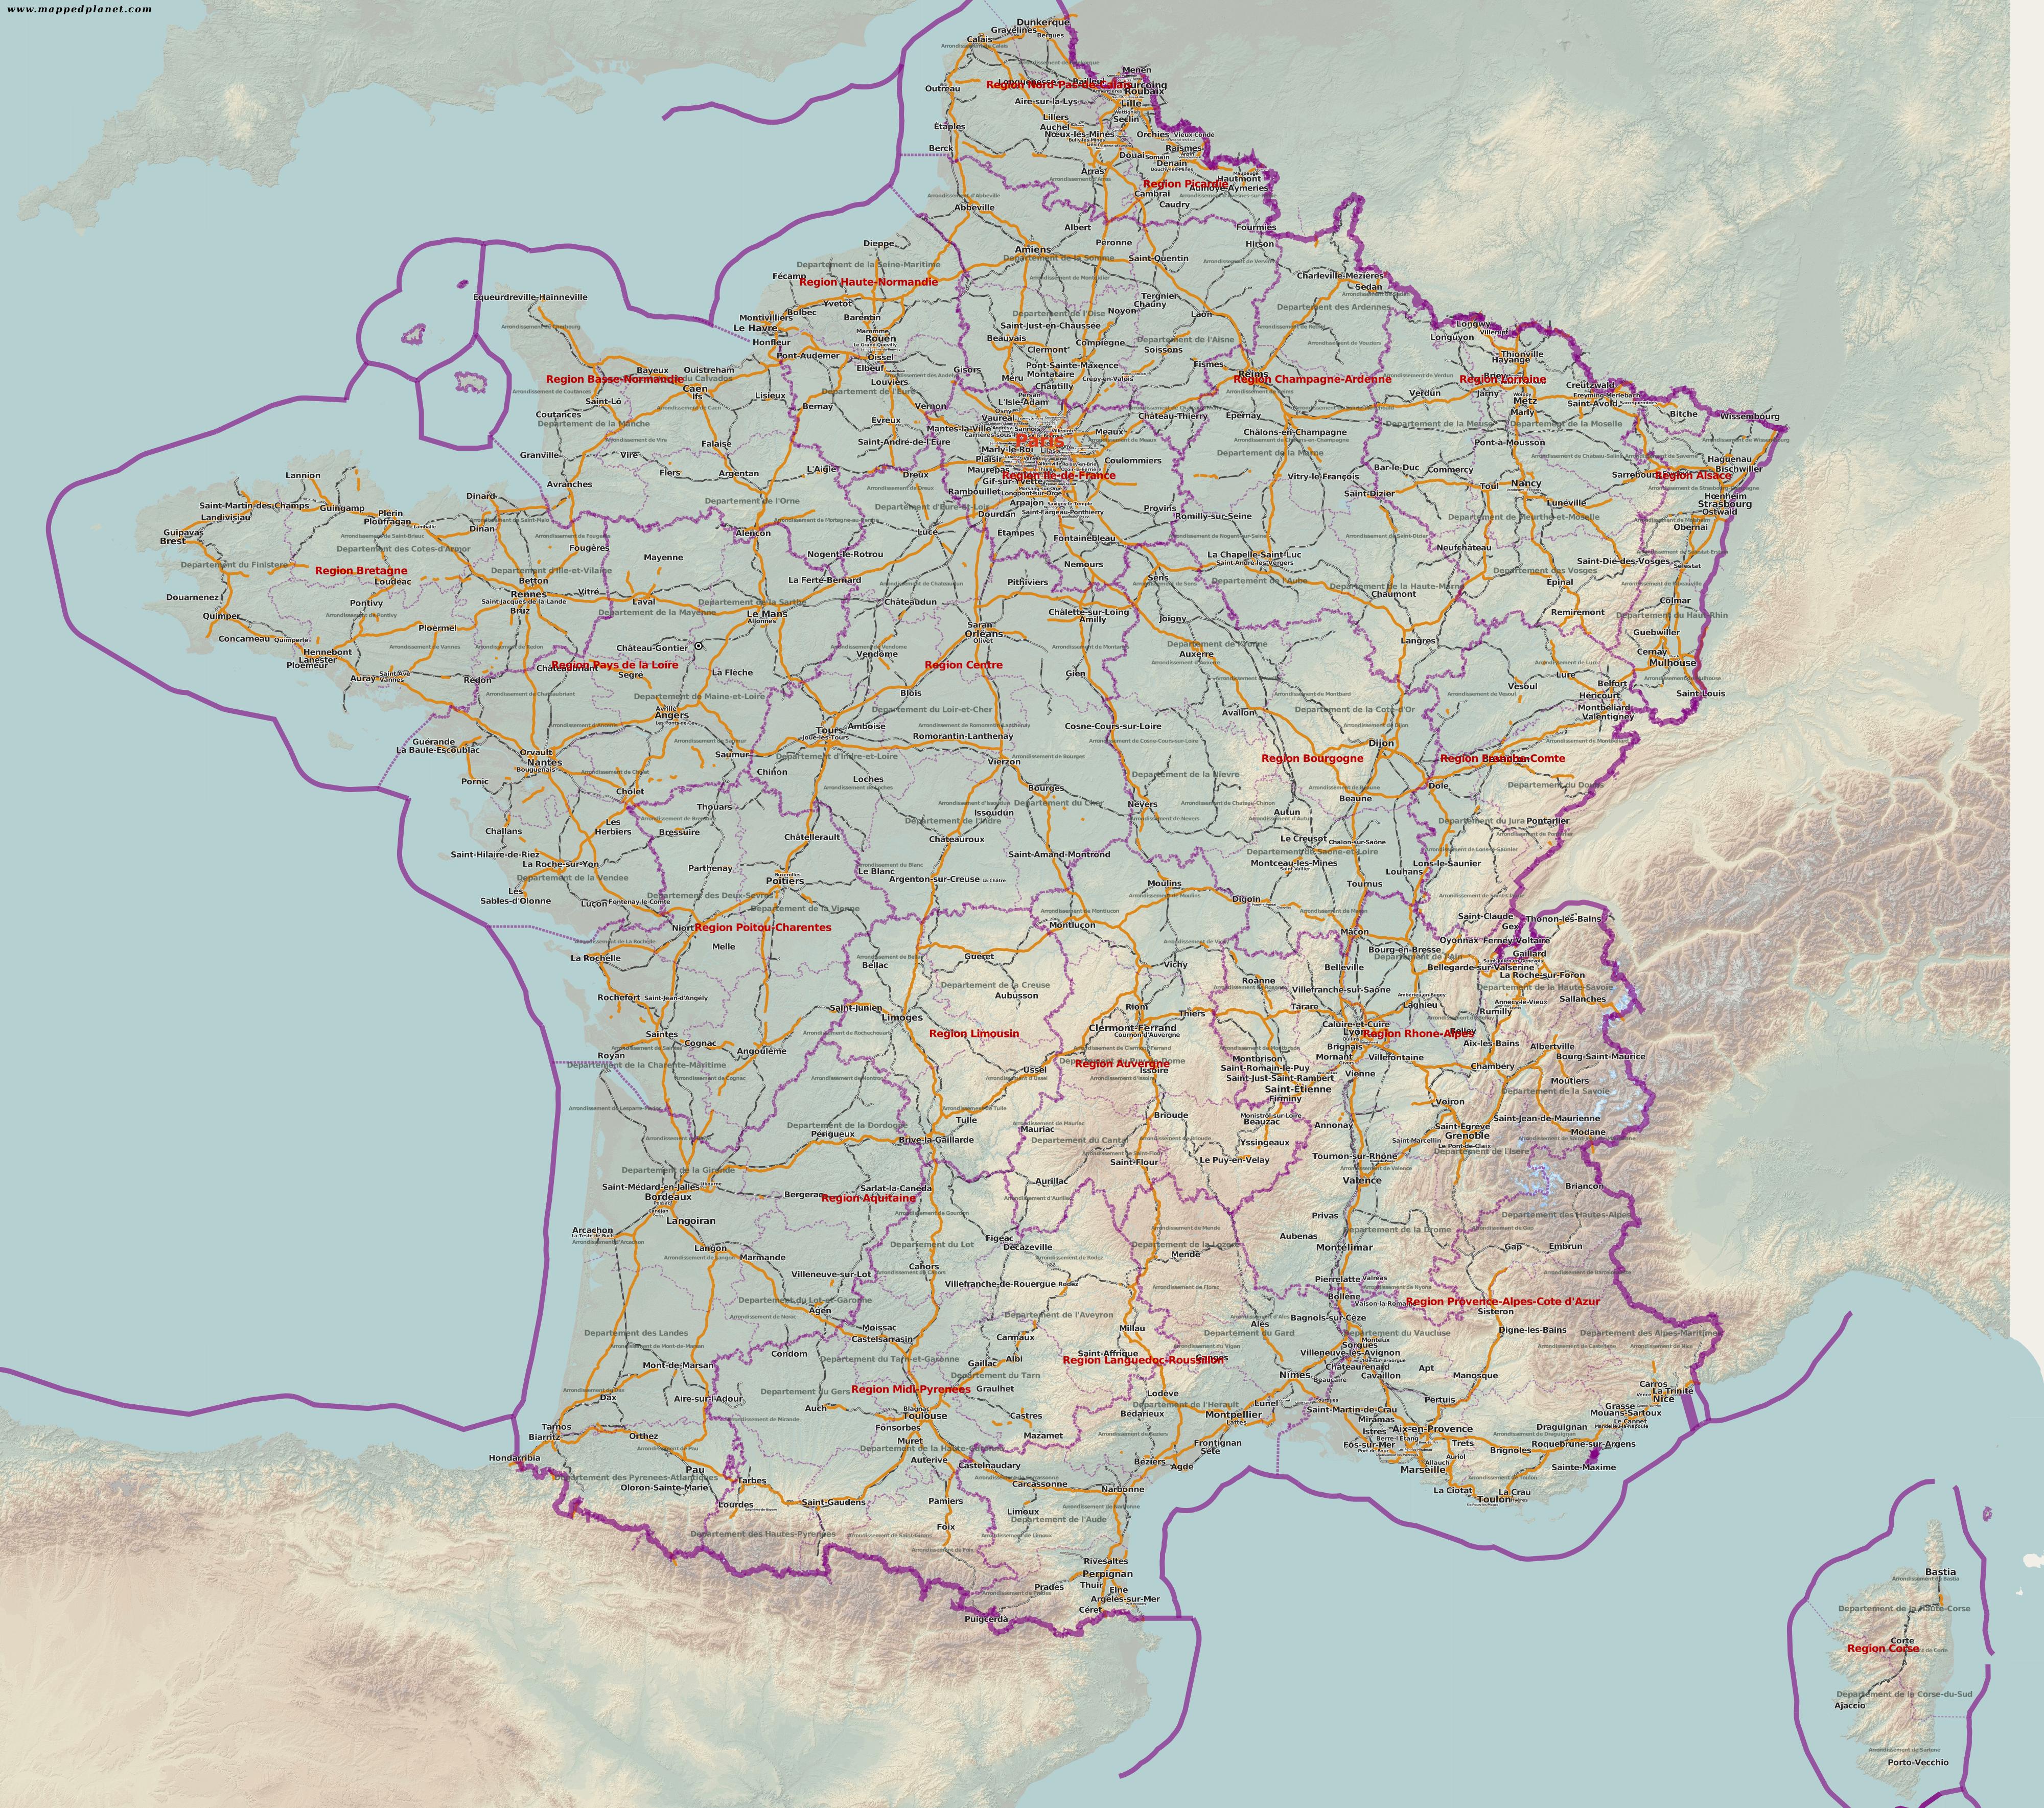 Frankreichh topo gps karte garmin mit 10m srtm höhenlinien.